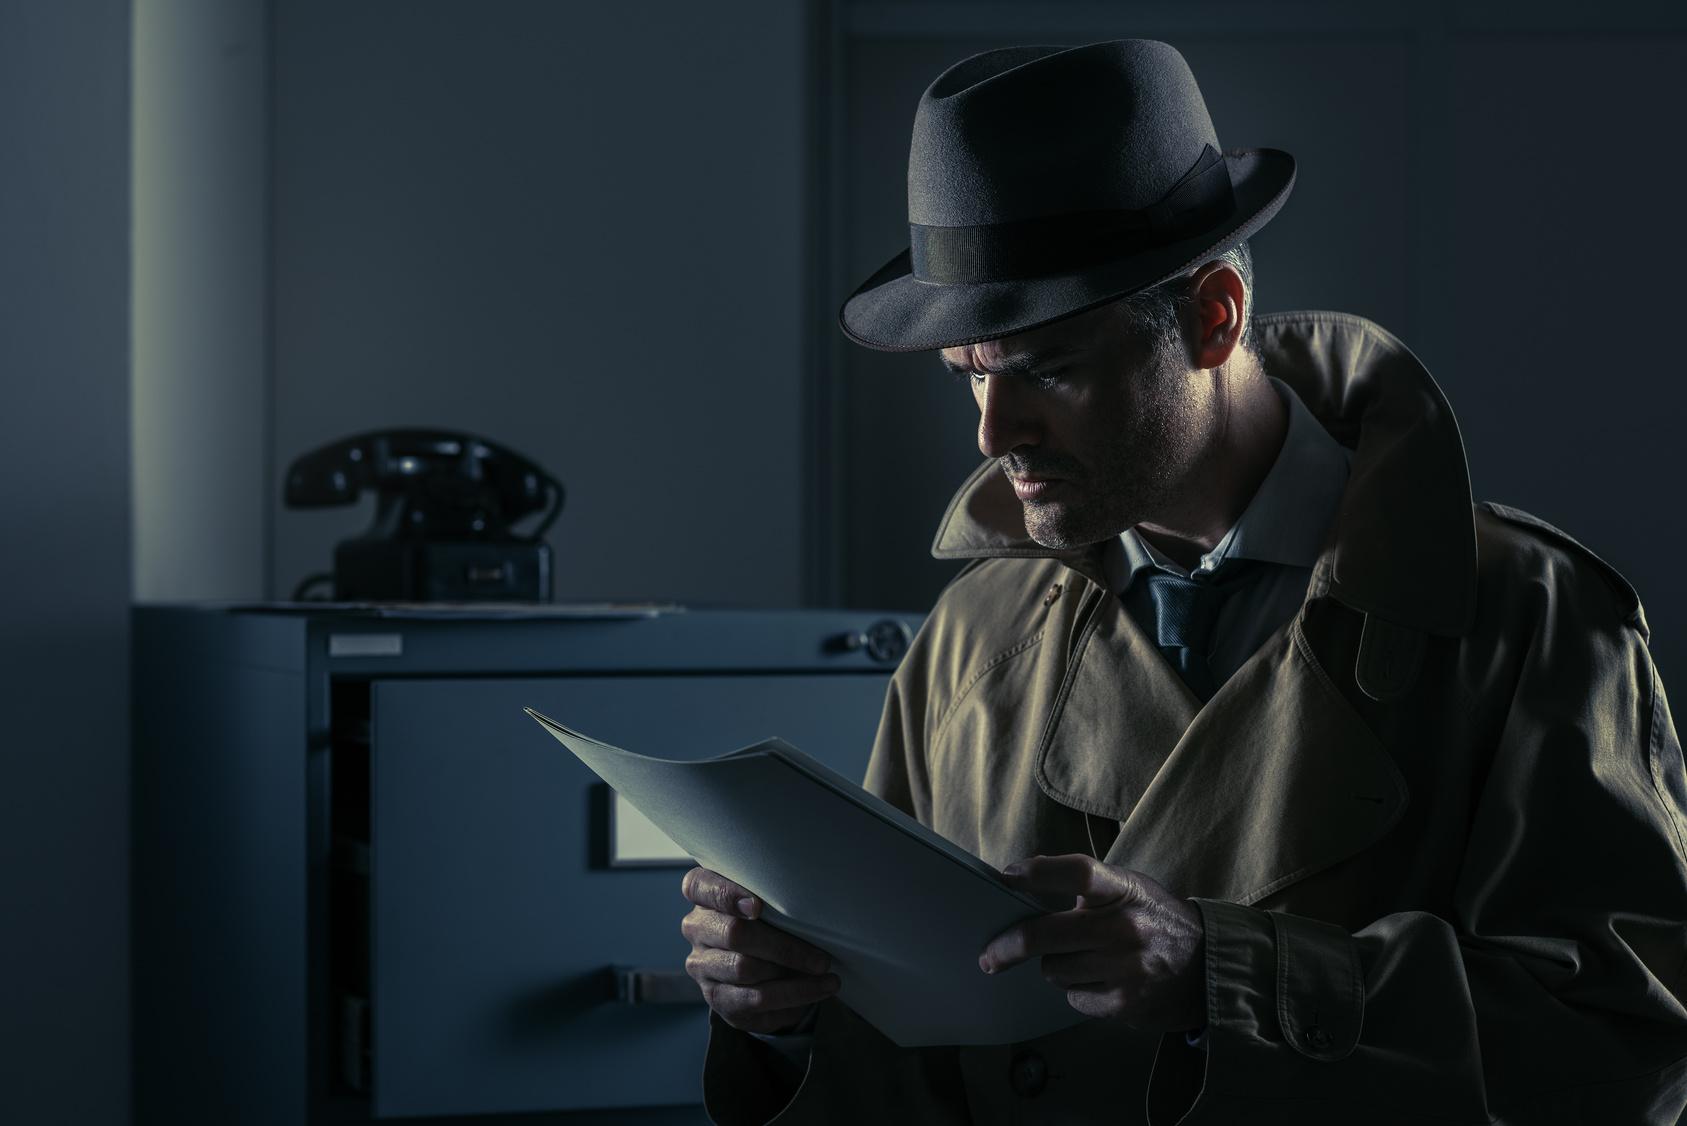 Profesjonalny detektyw Warszawa ma dobre statystyki